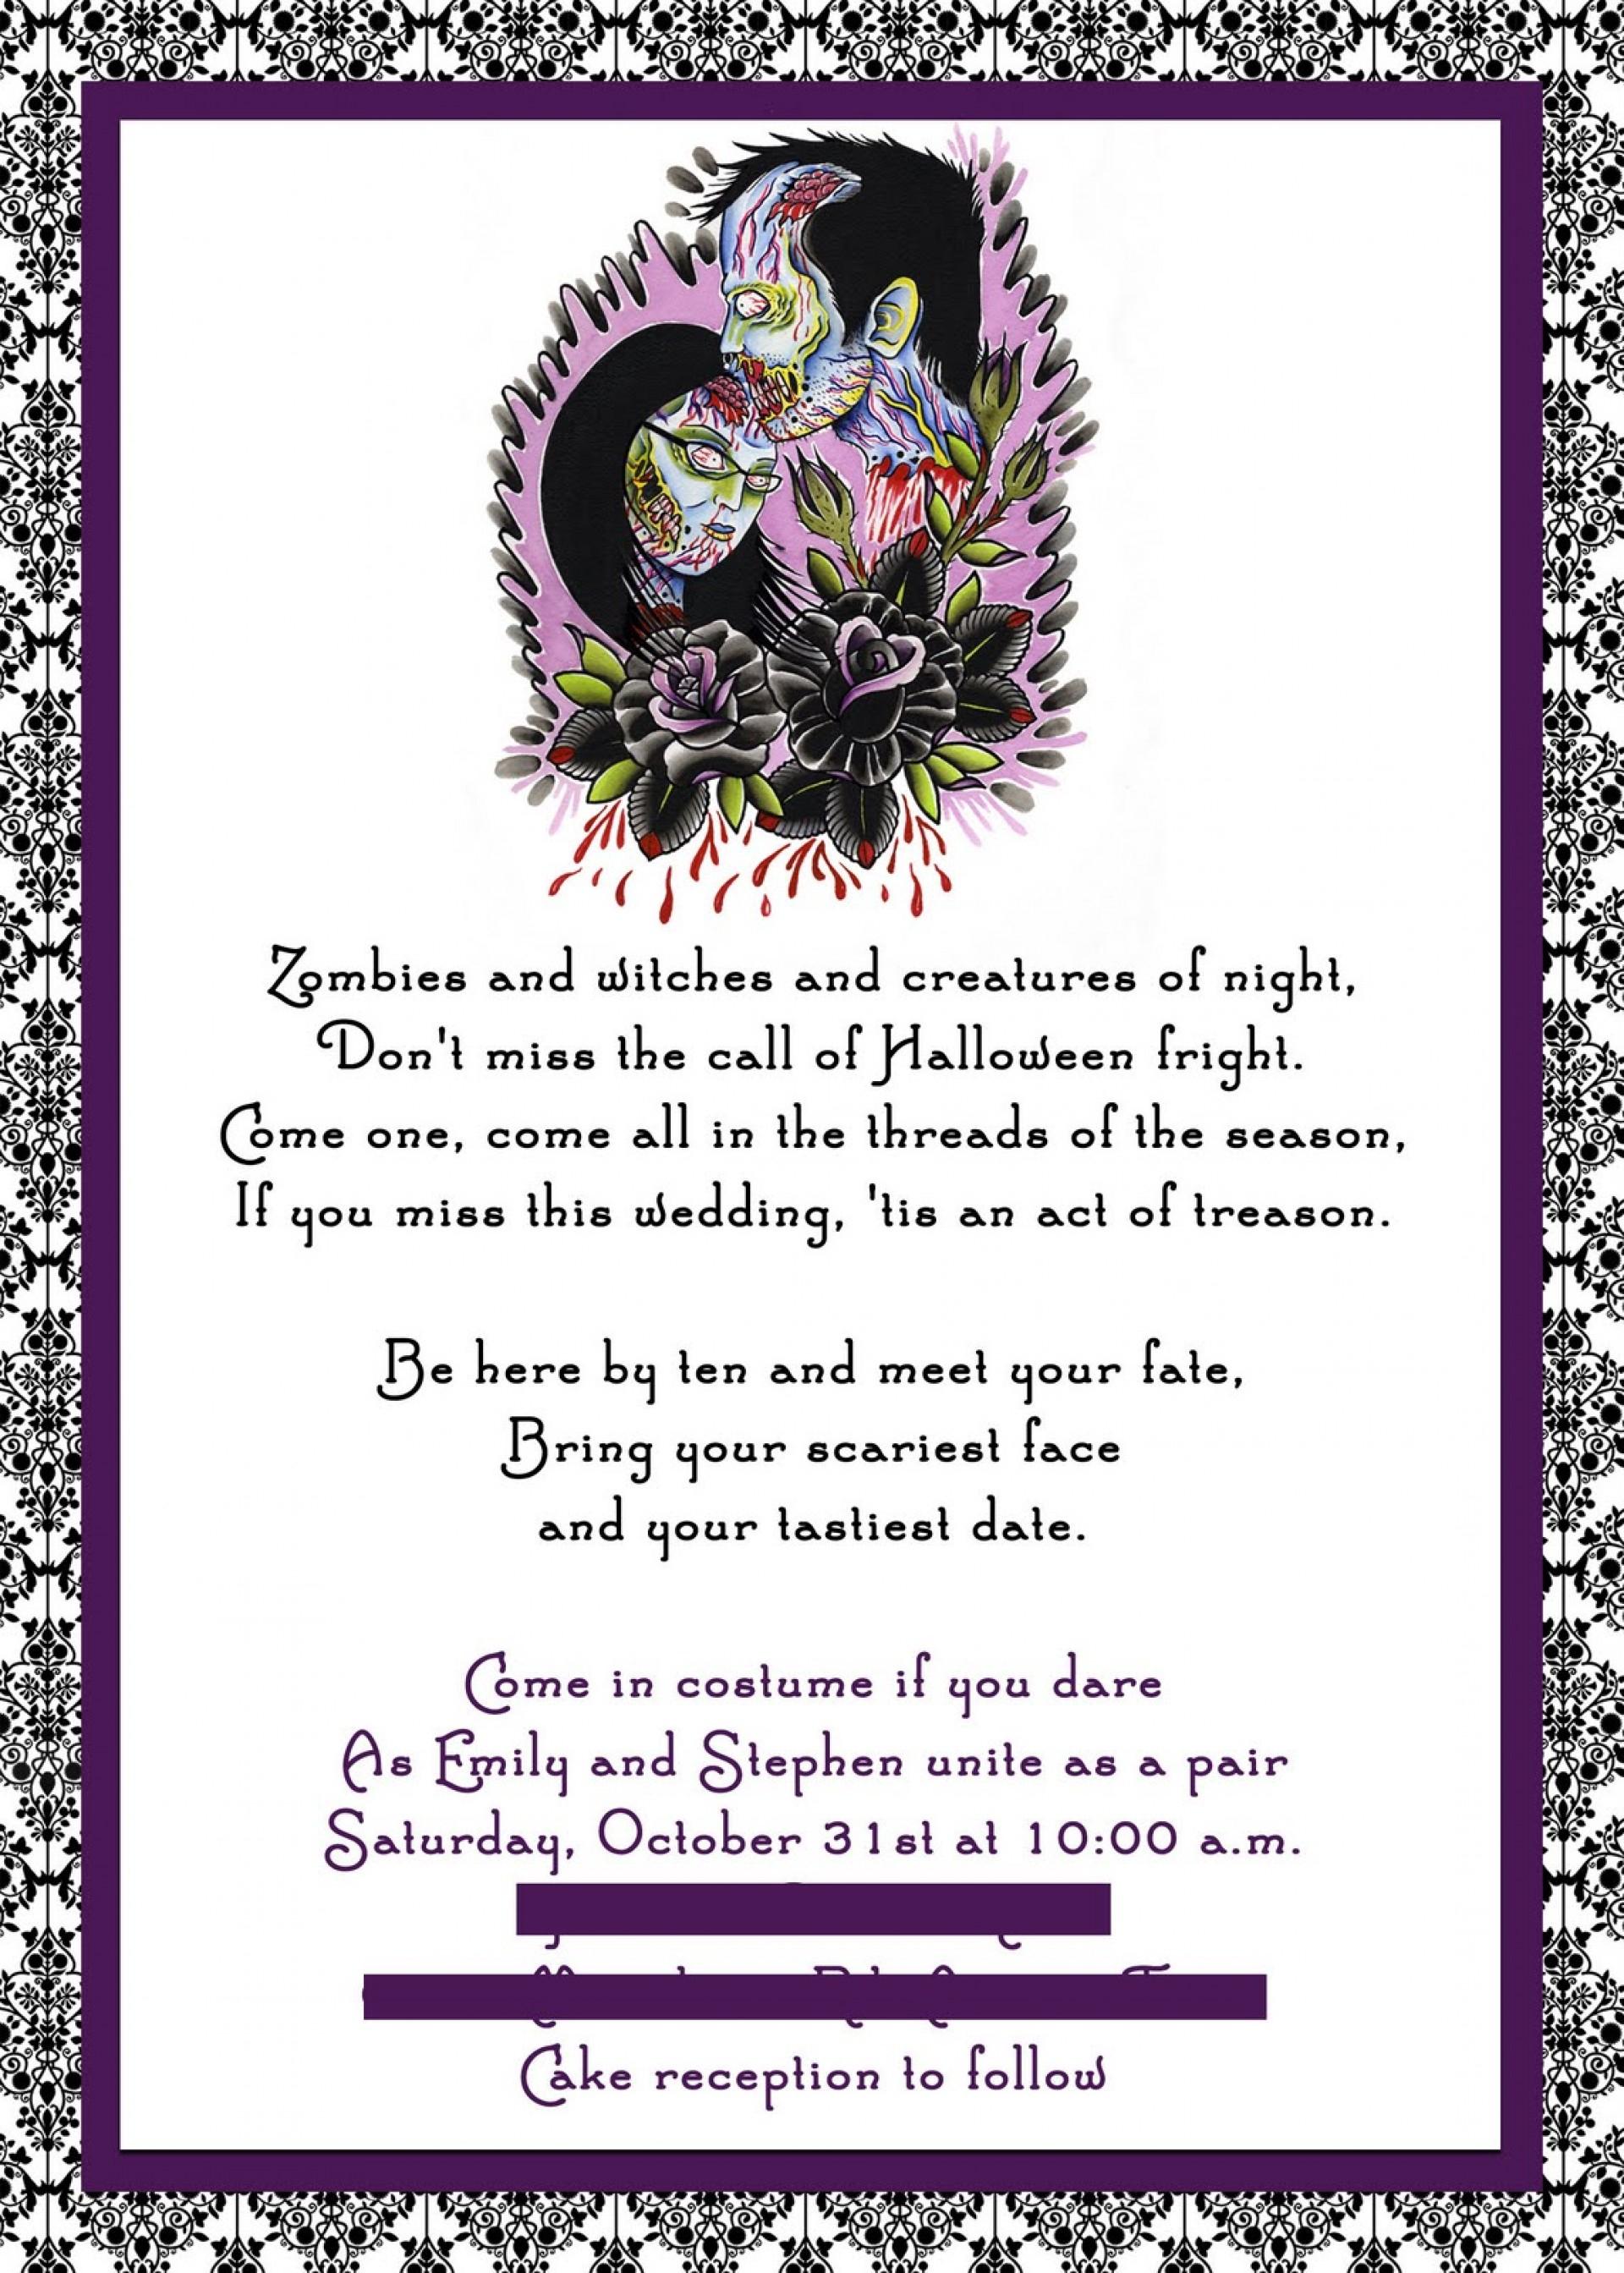 009 Template Ideas Free Halloween Invite ~ Ulyssesroom - Free Printable Halloween Wedding Invitations